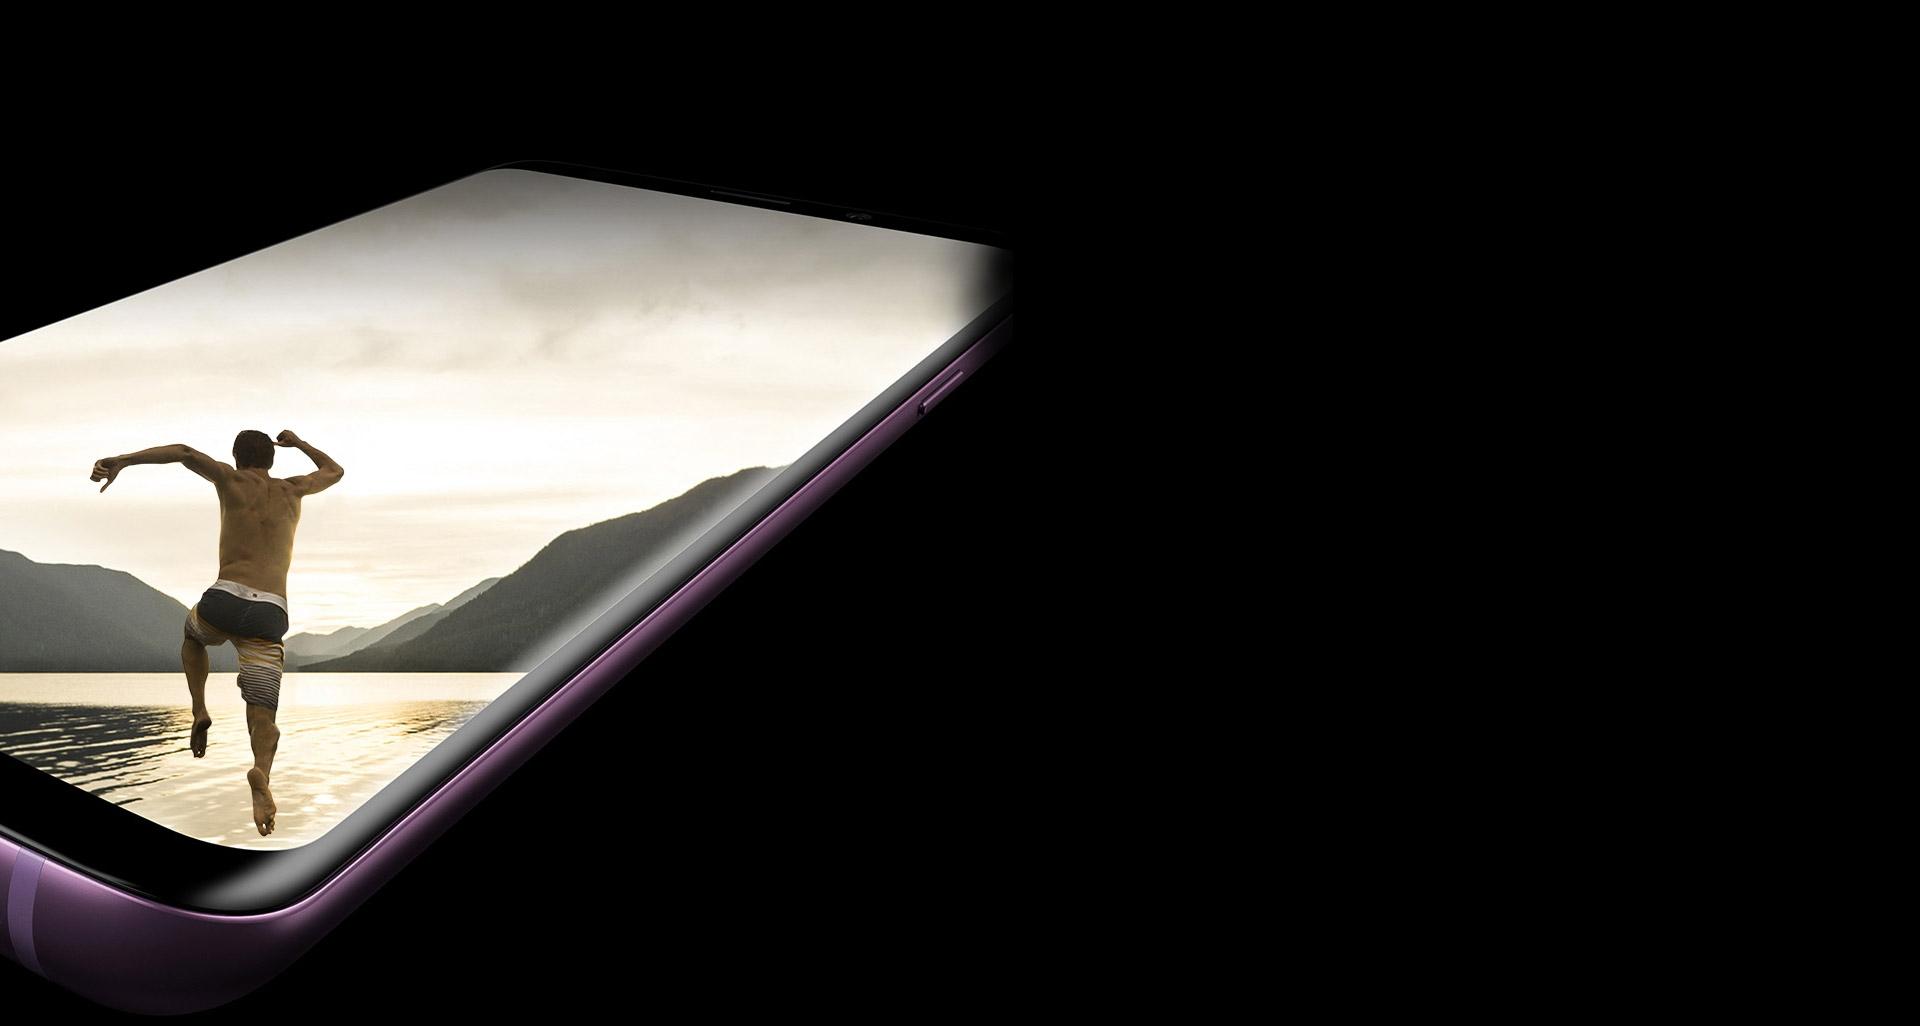 با طراحی بدون مرز نمایشگر Infinity اس 9 بیشتر ببینید